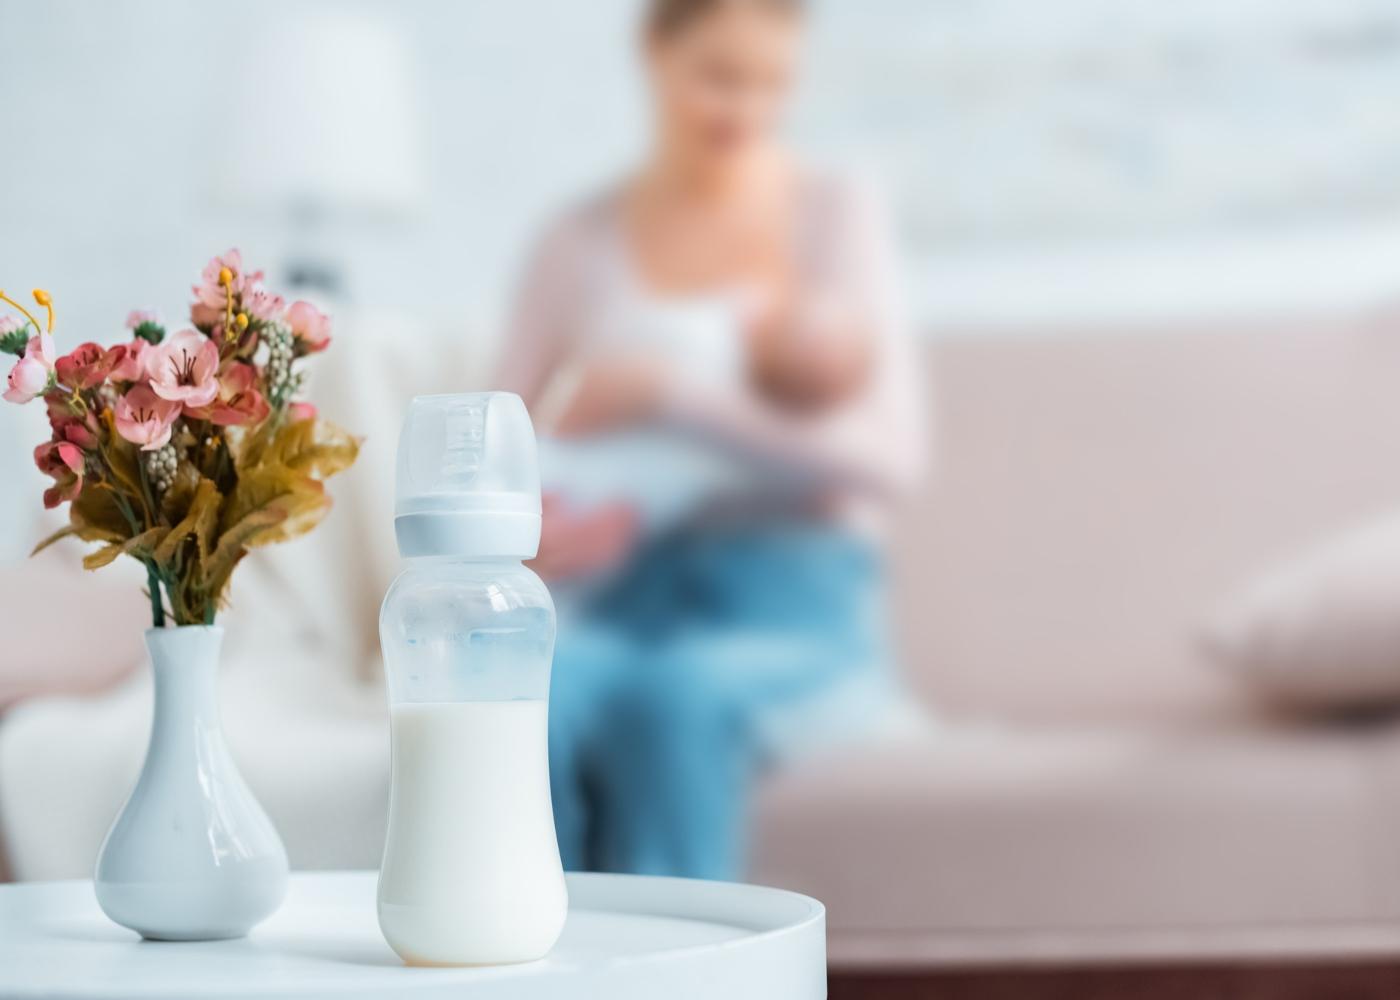 Biberão com leite em cima de mesa